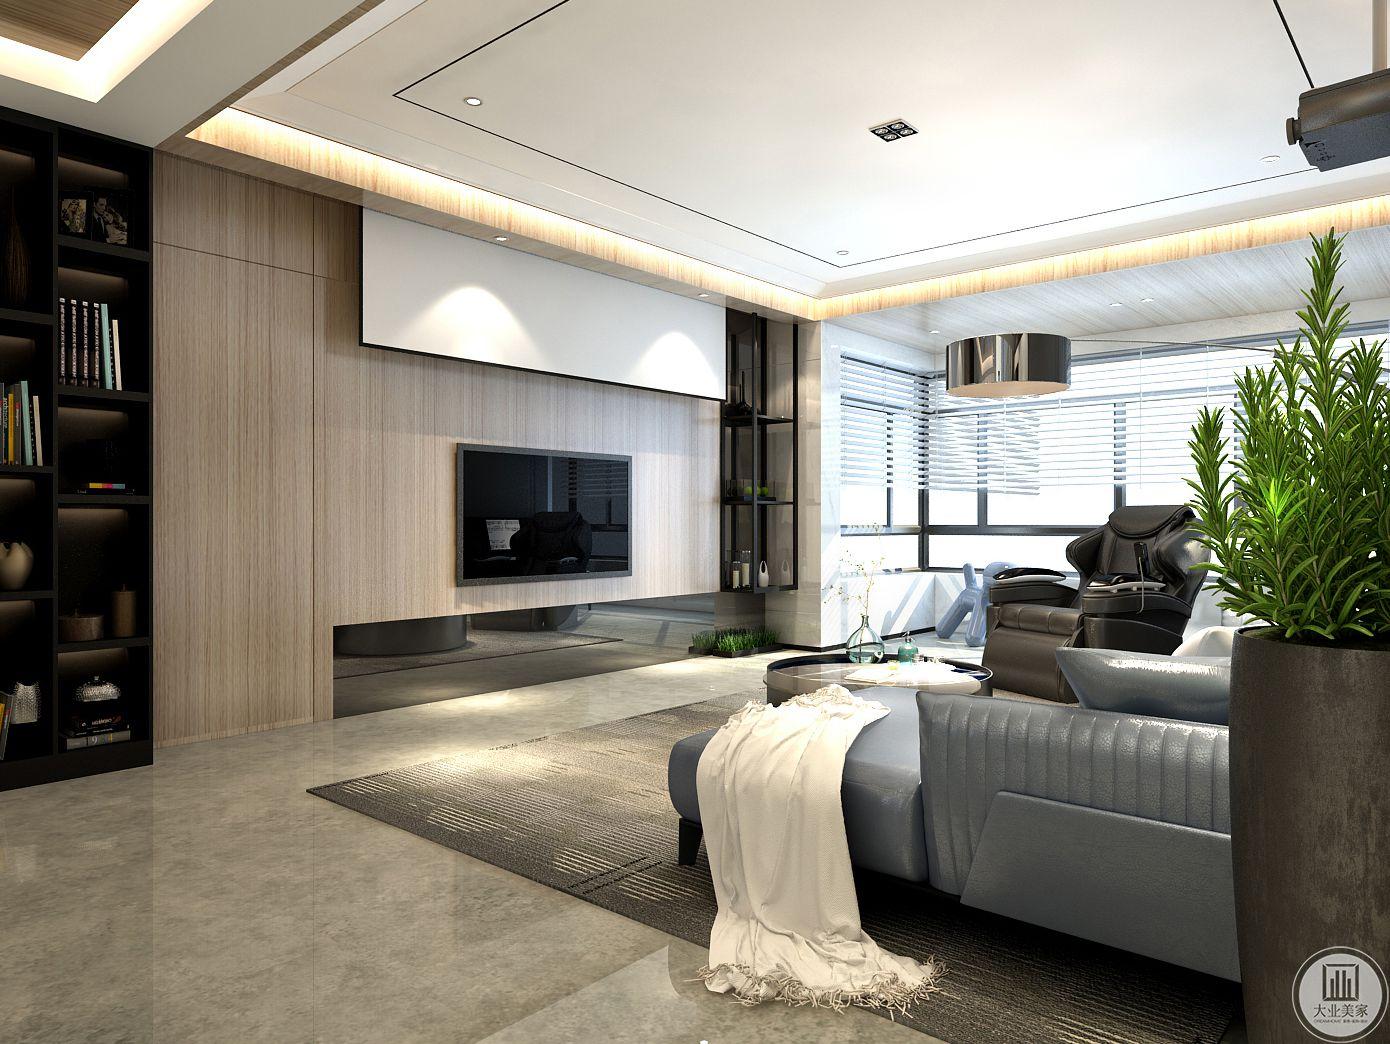 影视墙采用实木护墙板,同时增加投影仪,两侧分别做书柜和黑框金属置物架,增强收纳替代电视柜。